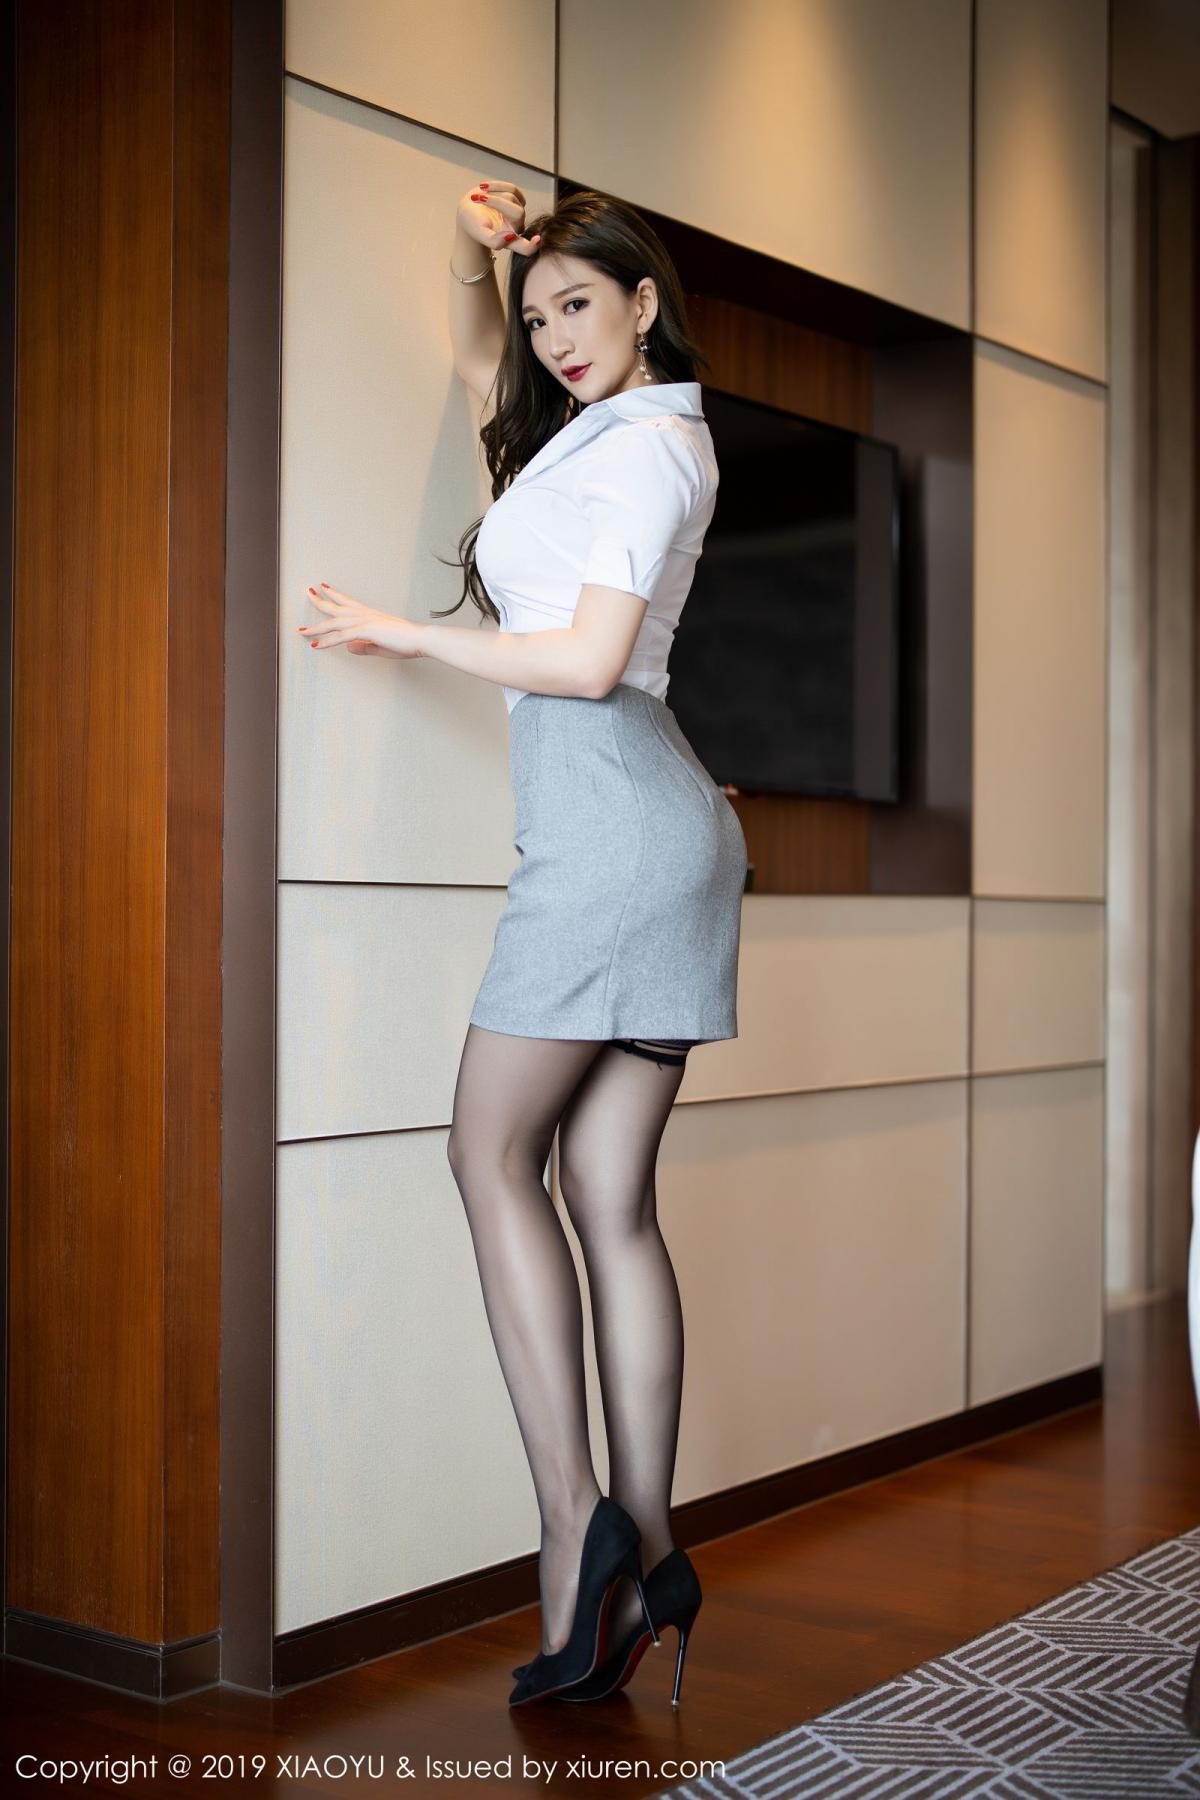 [XiaoYu] Vol.195 Xuan Zi 4P, Tall, Underwear, XiaoYu, Xuan Zi